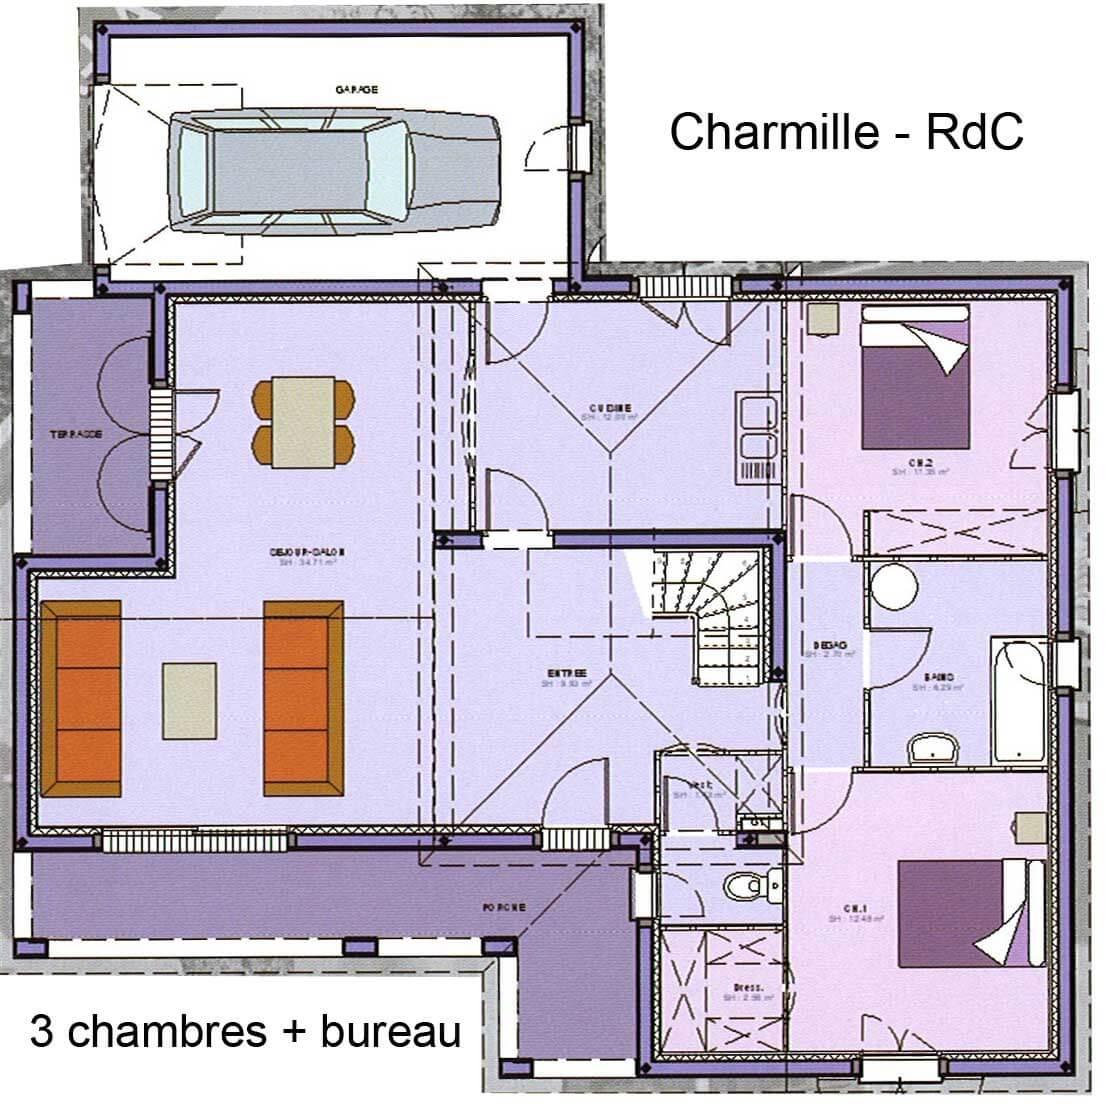 Maison Avec Etage Avec Grand Salon Sejour Bureau 3 Chambres Garage Terrasse Plans Maisons